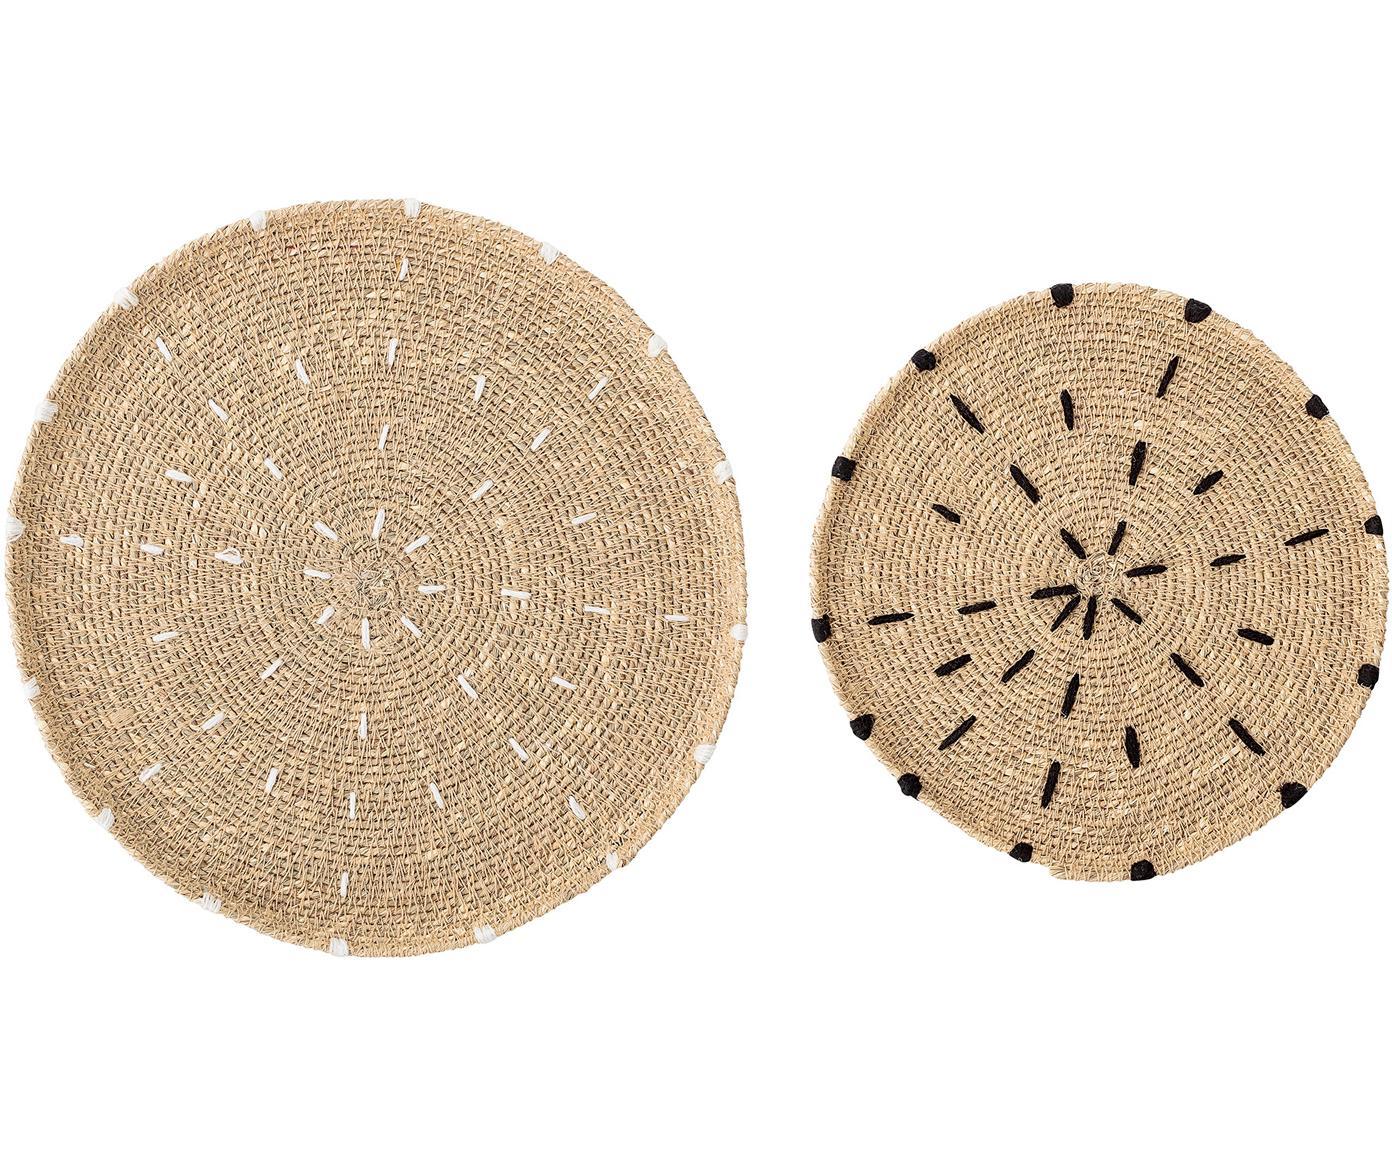 Okrągła podkładka z trawy morskiej  Deco, 2 elem., Trawa morska, Beżowy, biały, czarny, Różne rozmiary